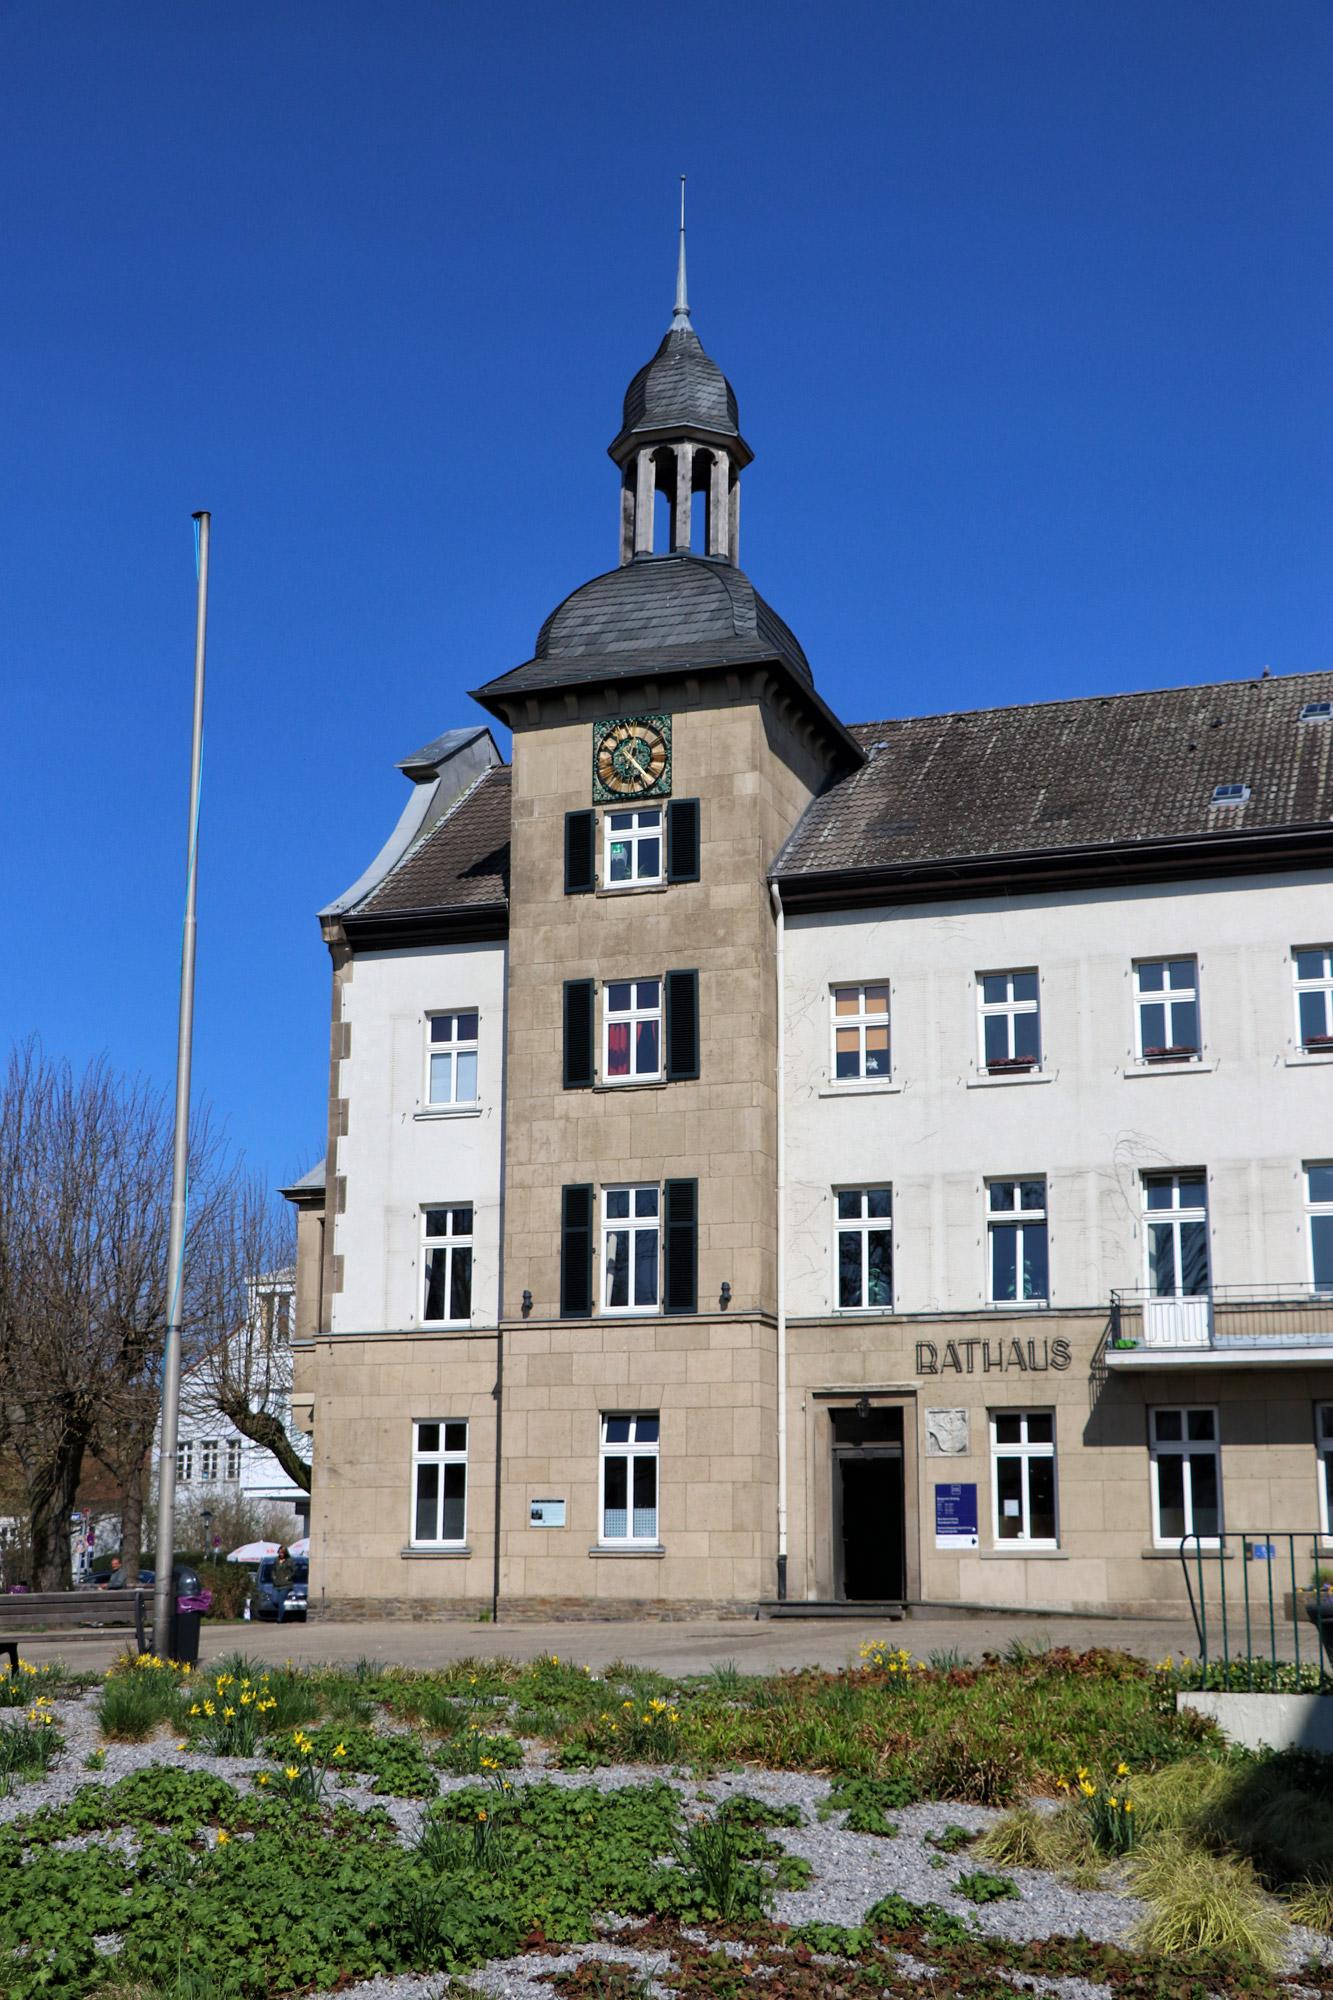 Essen-Kettwig - Rathaus